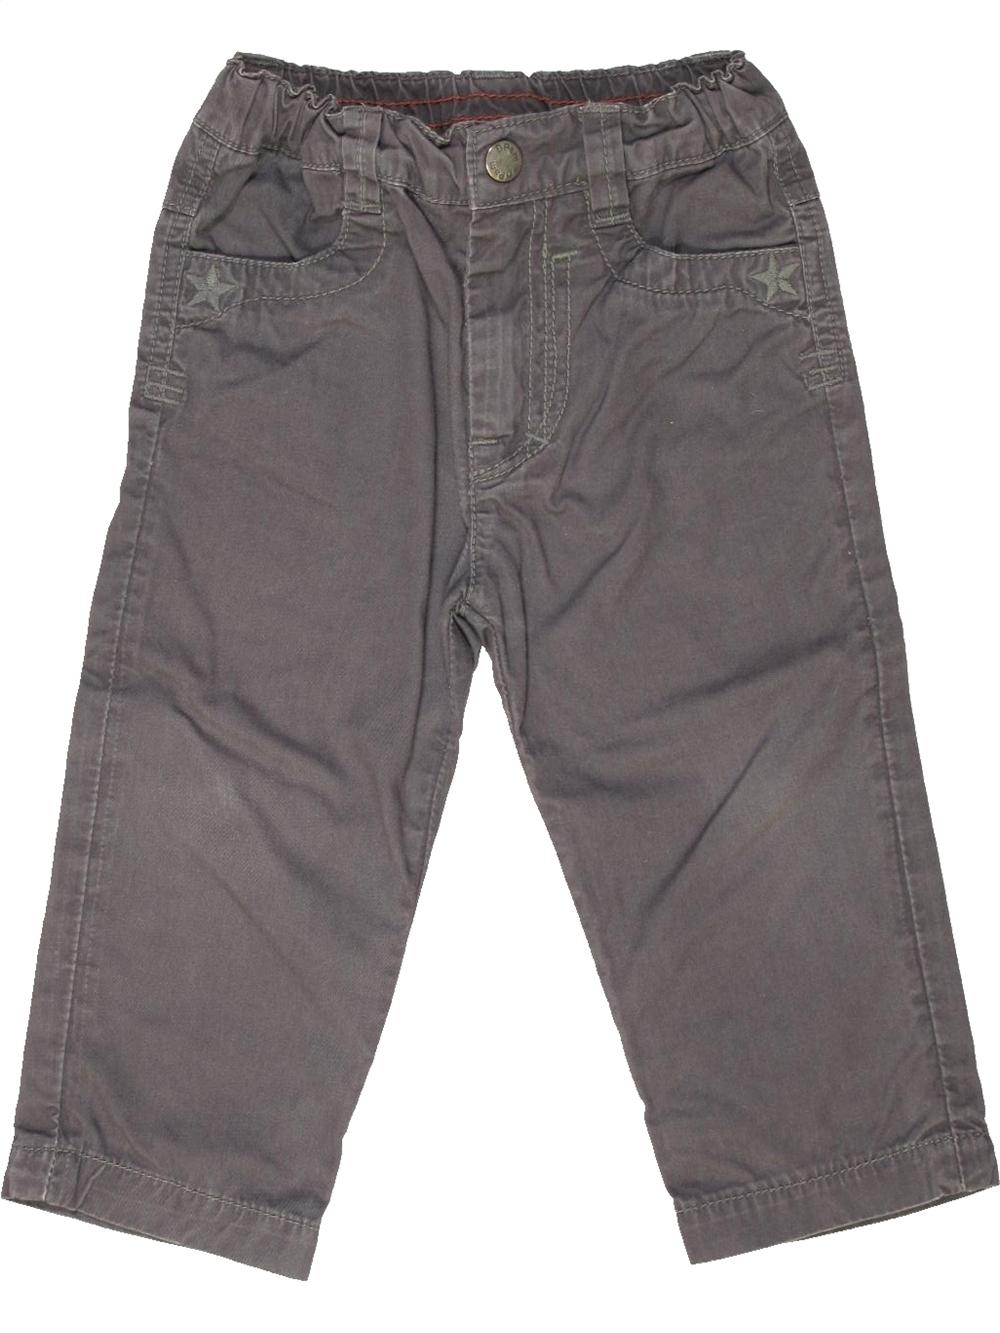 pantalon garcon dpam 18 mois pas cher. Black Bedroom Furniture Sets. Home Design Ideas